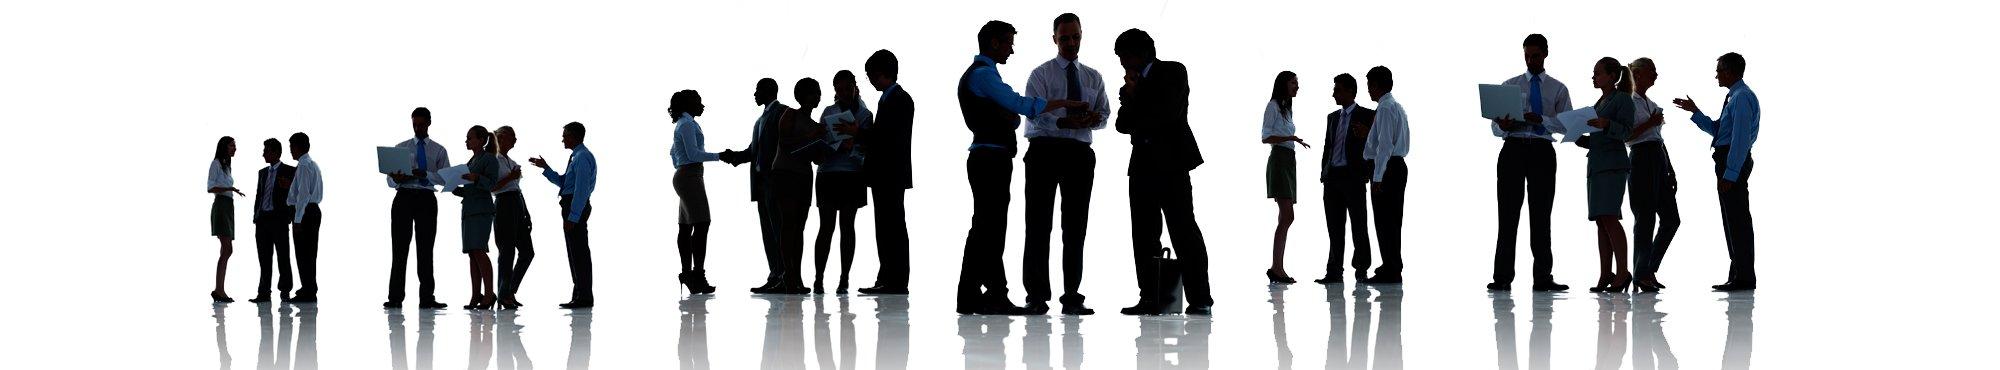 להשפיע על אנשים, עובדים ותהליכים